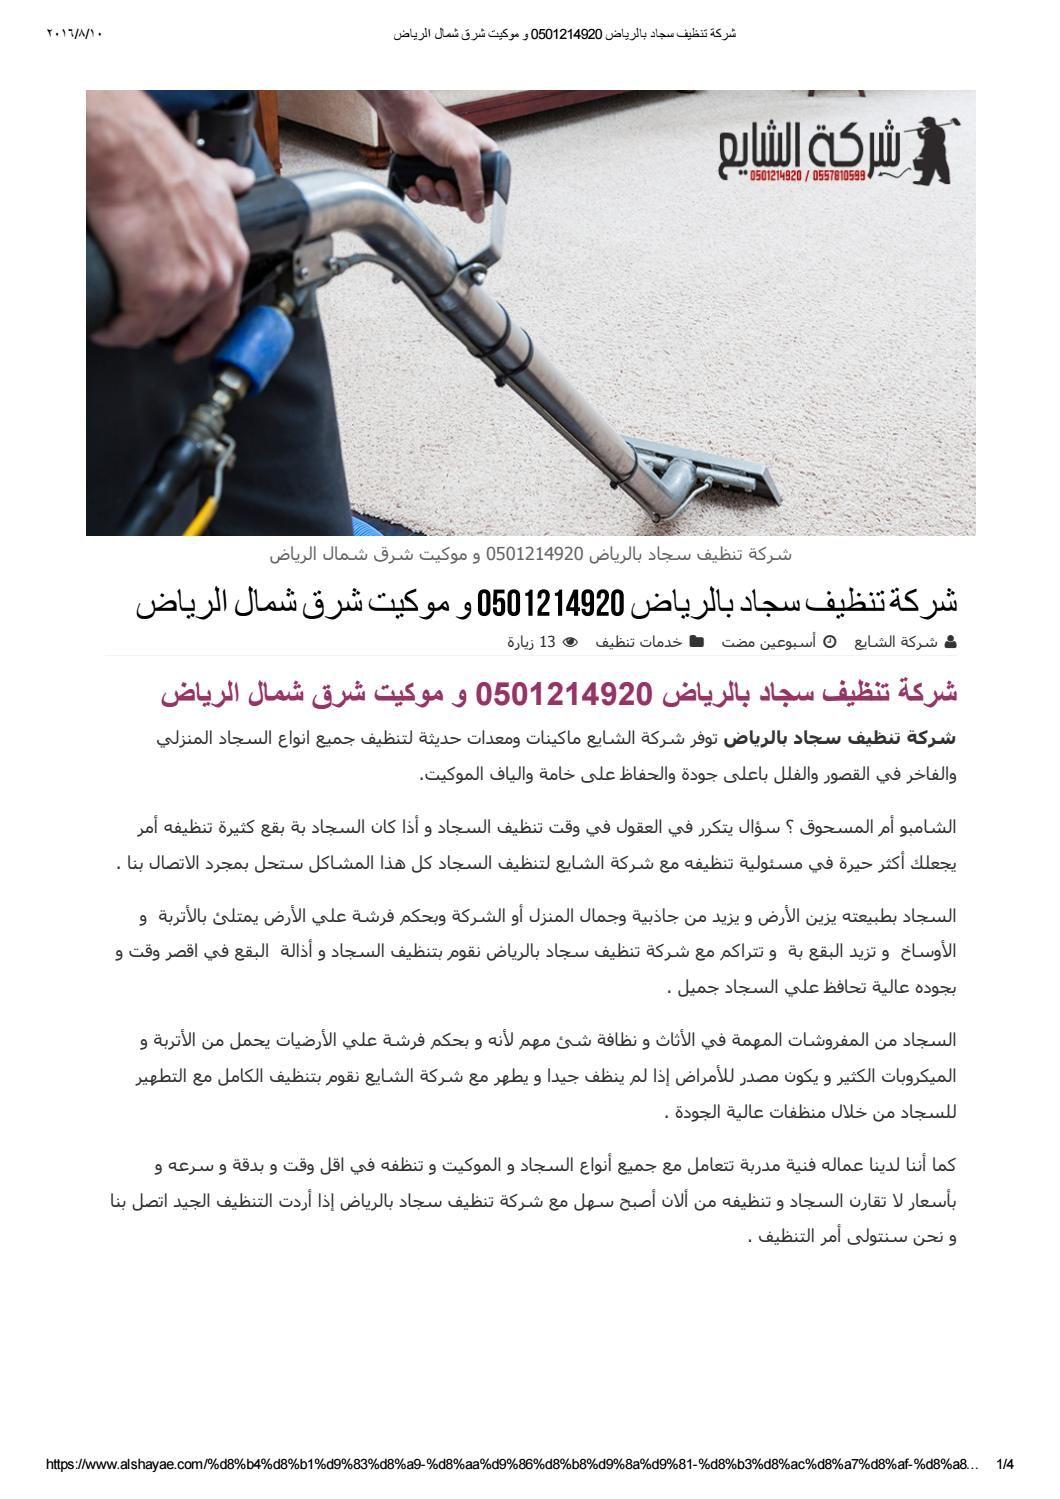 شركة تنظيف سجاد بالرياض 0501214920 و موكيت شرق شمال الرياض